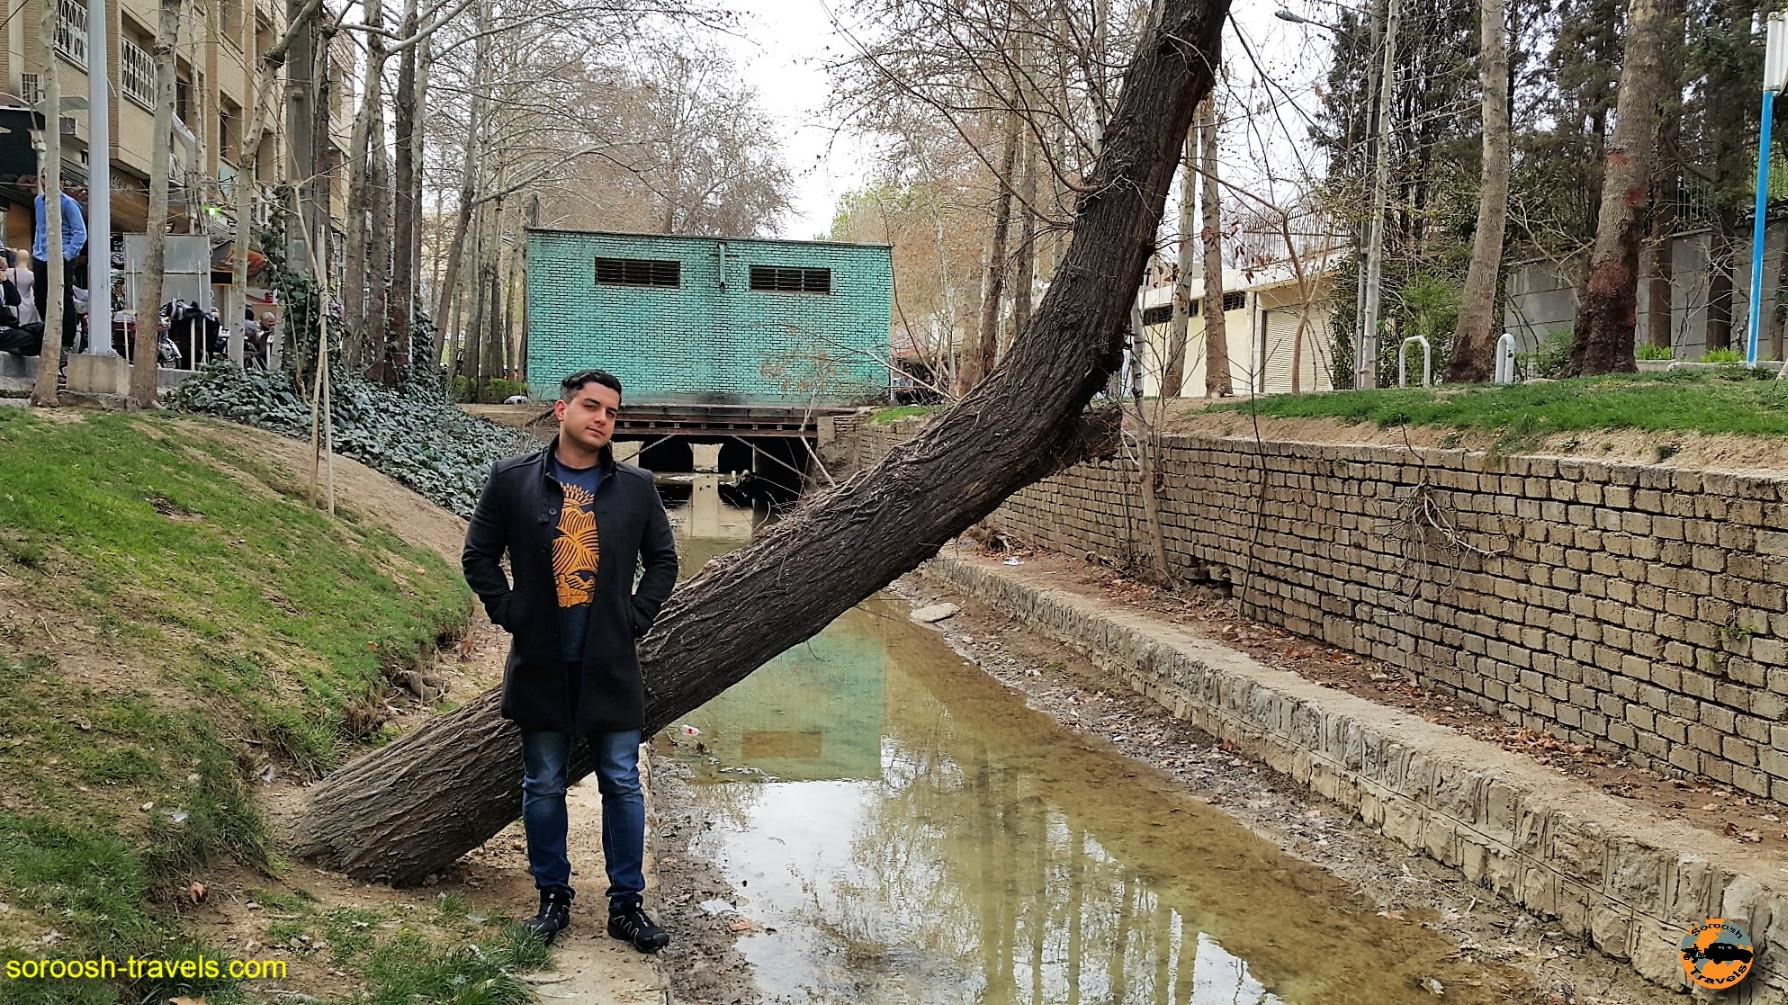 مادی نیاصرم در اصفهان ، نصف جهان - نوروز ۱۳۹۶